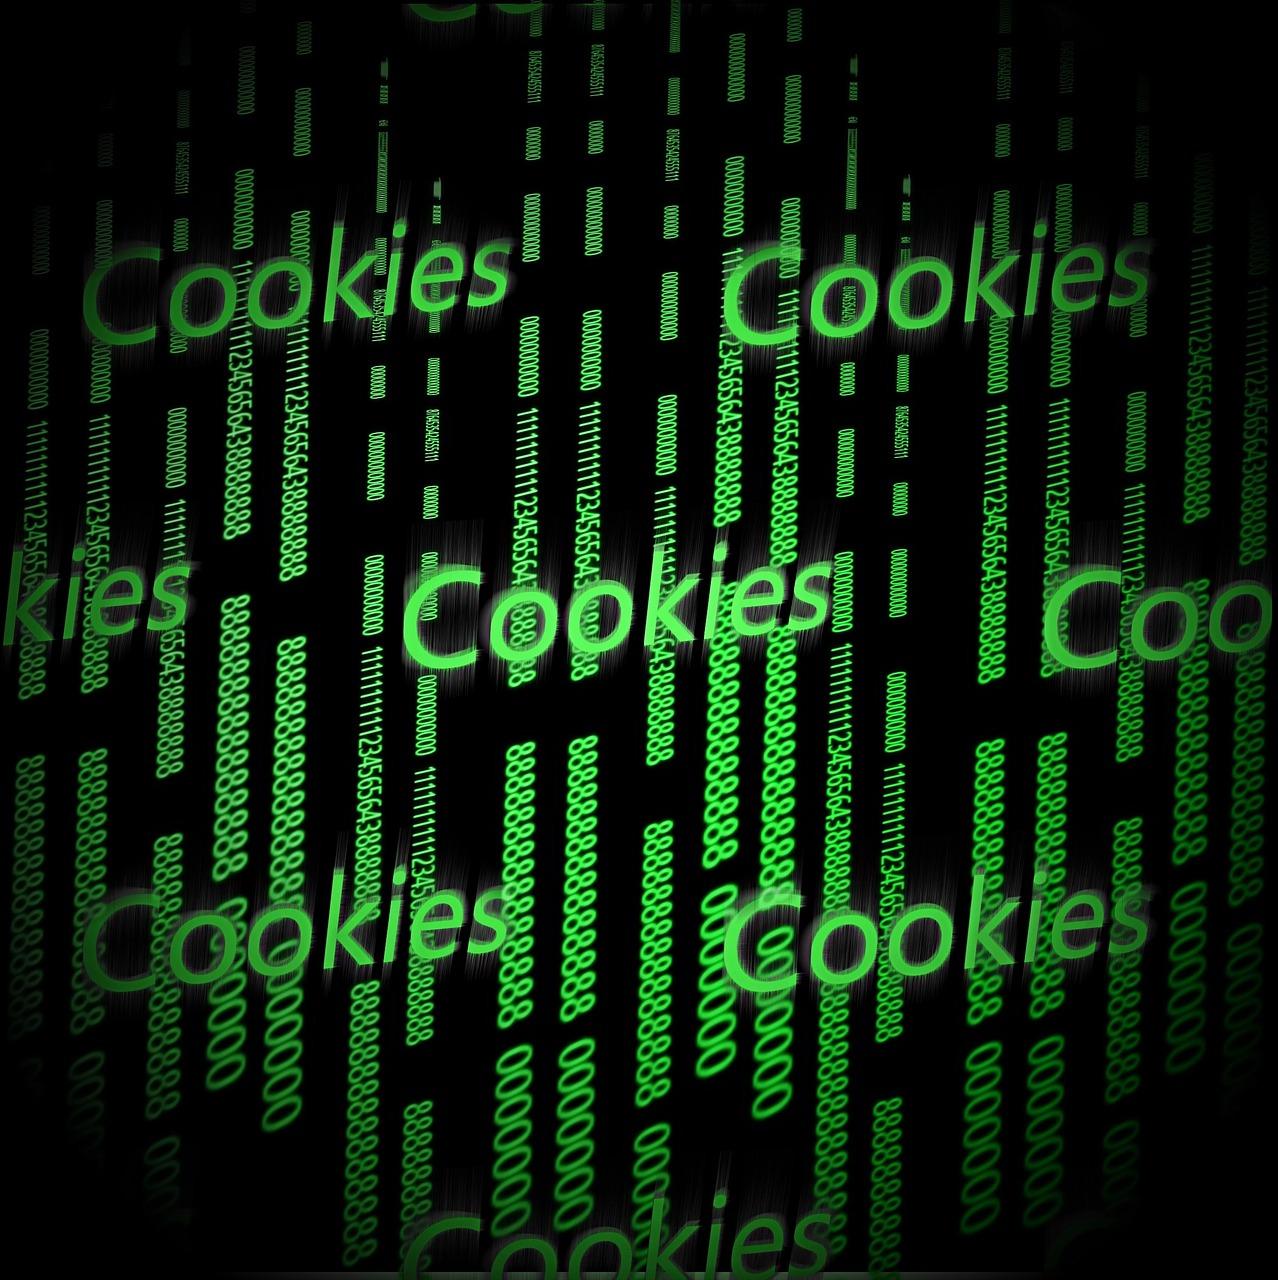 Image figurant les cookies sur le web